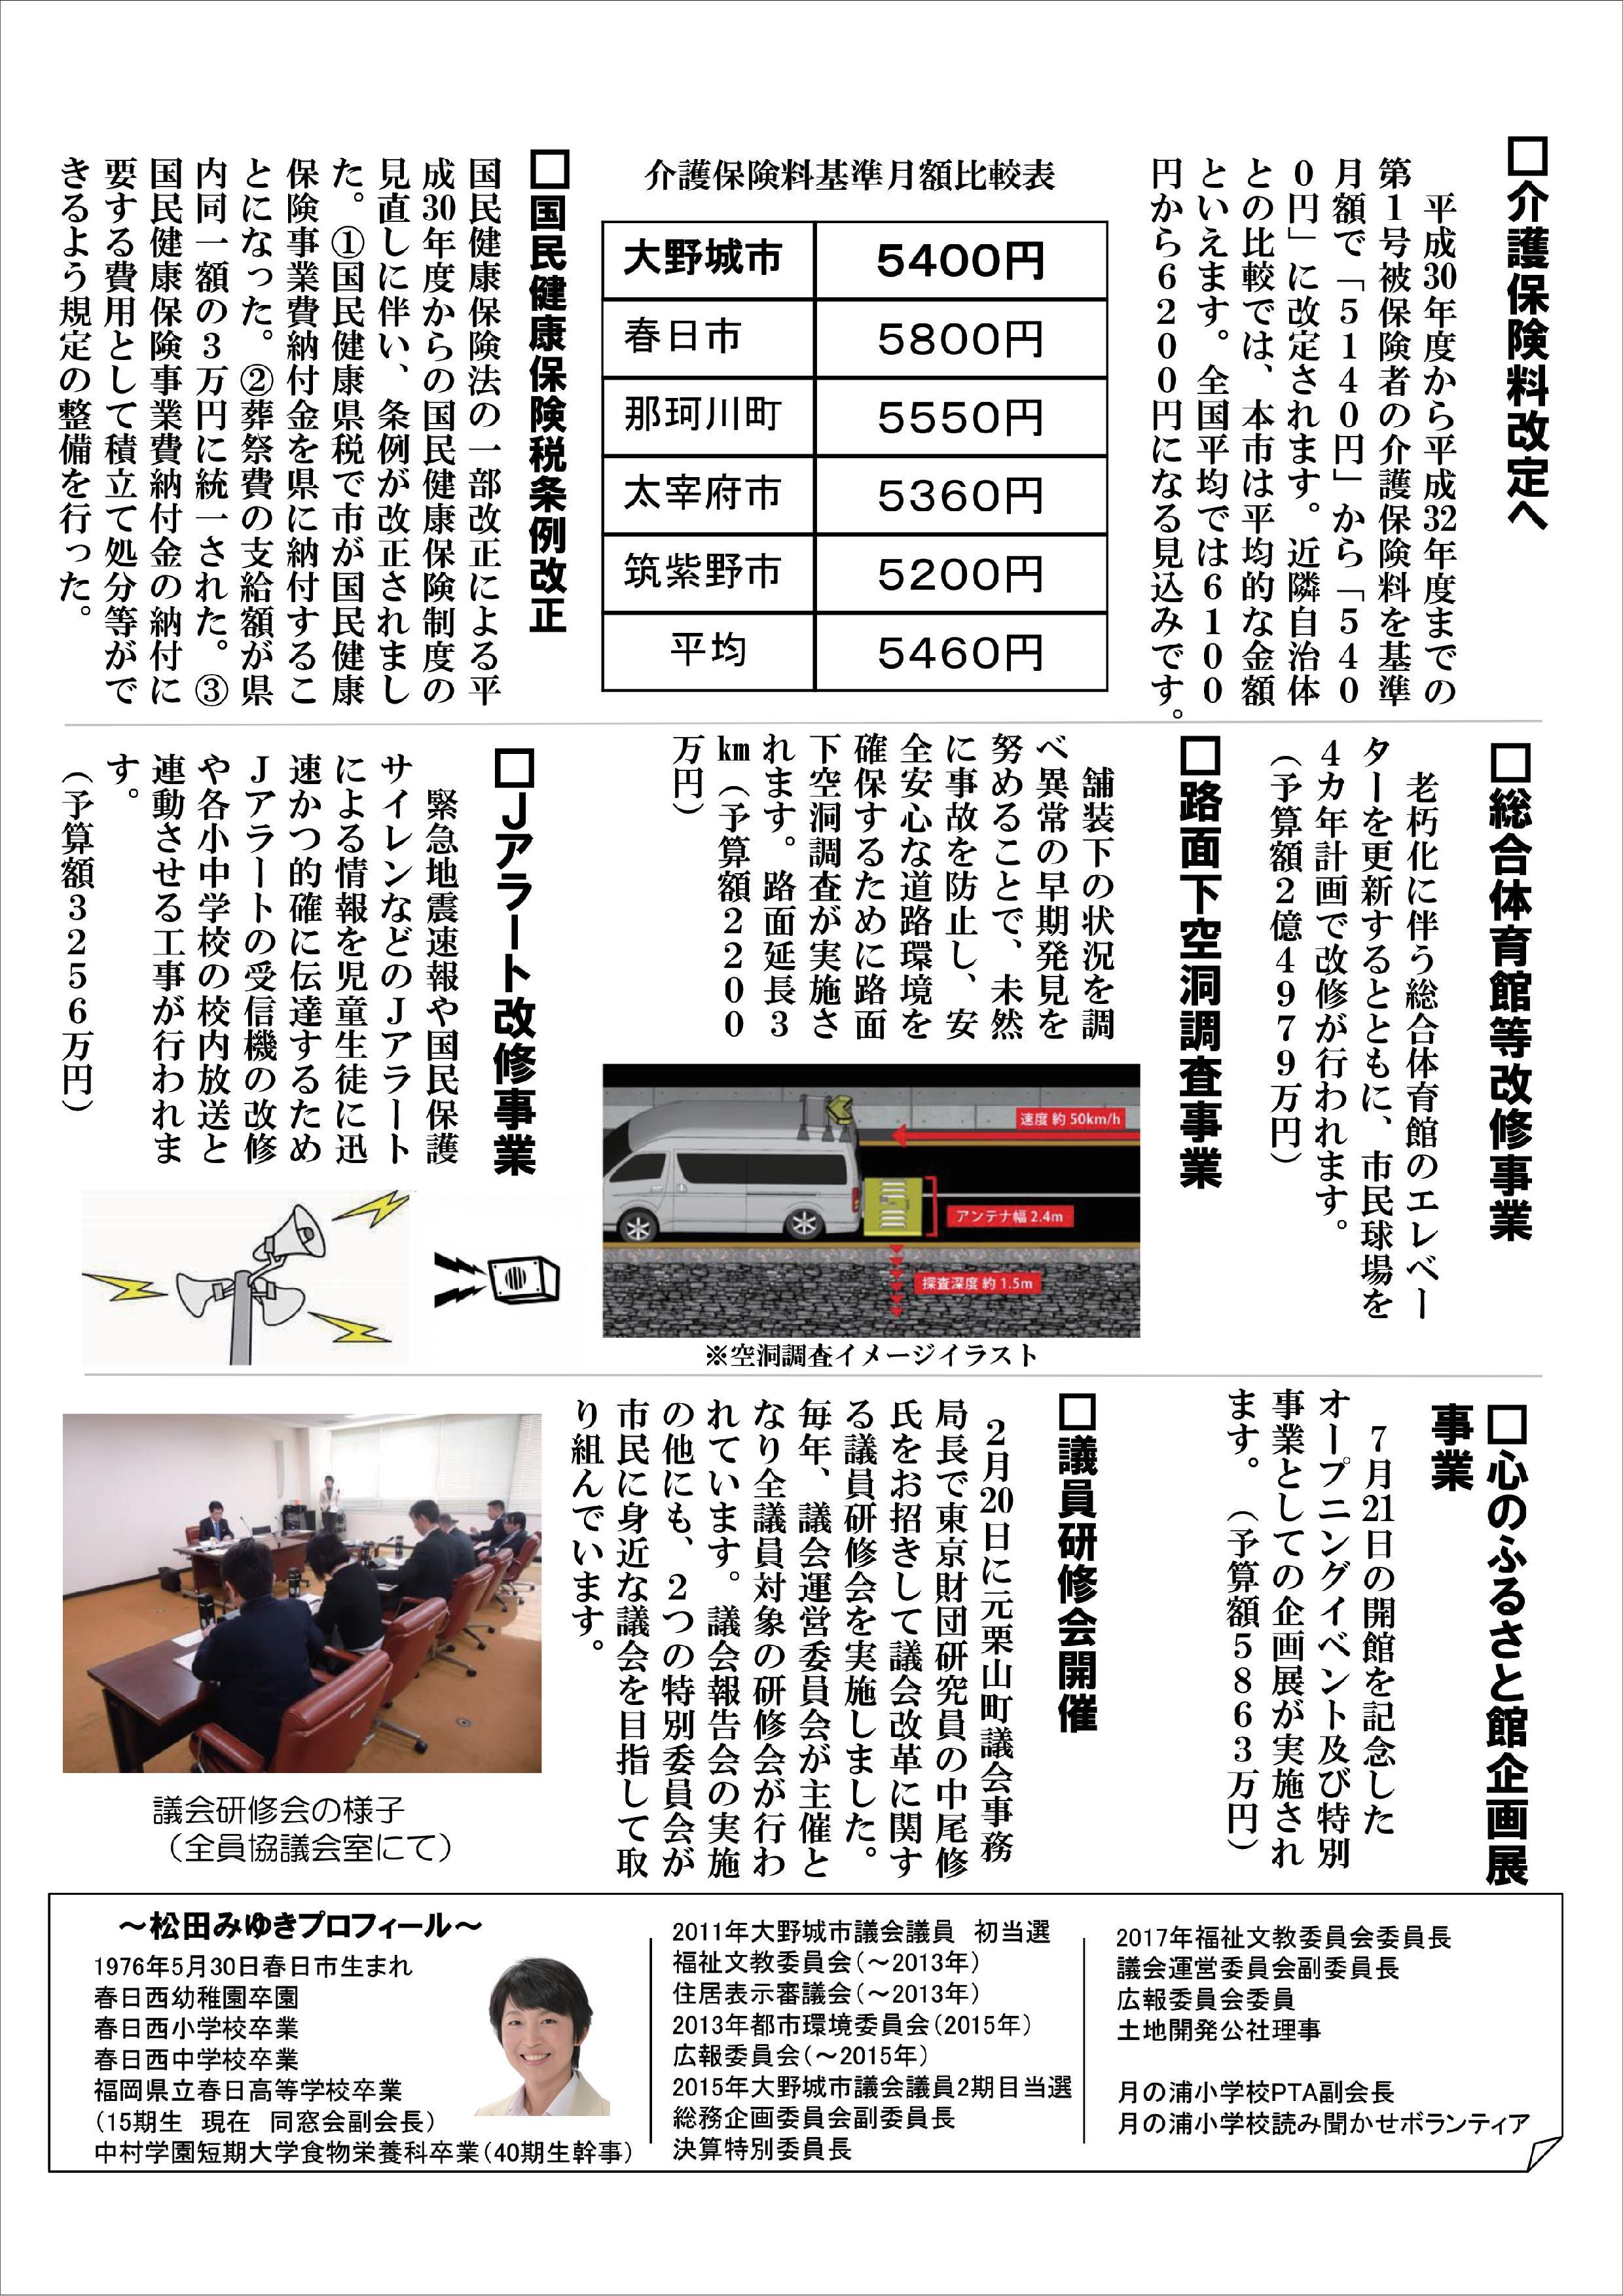 大野城市議会議員 松田みゆき 市政報告 第28号 02